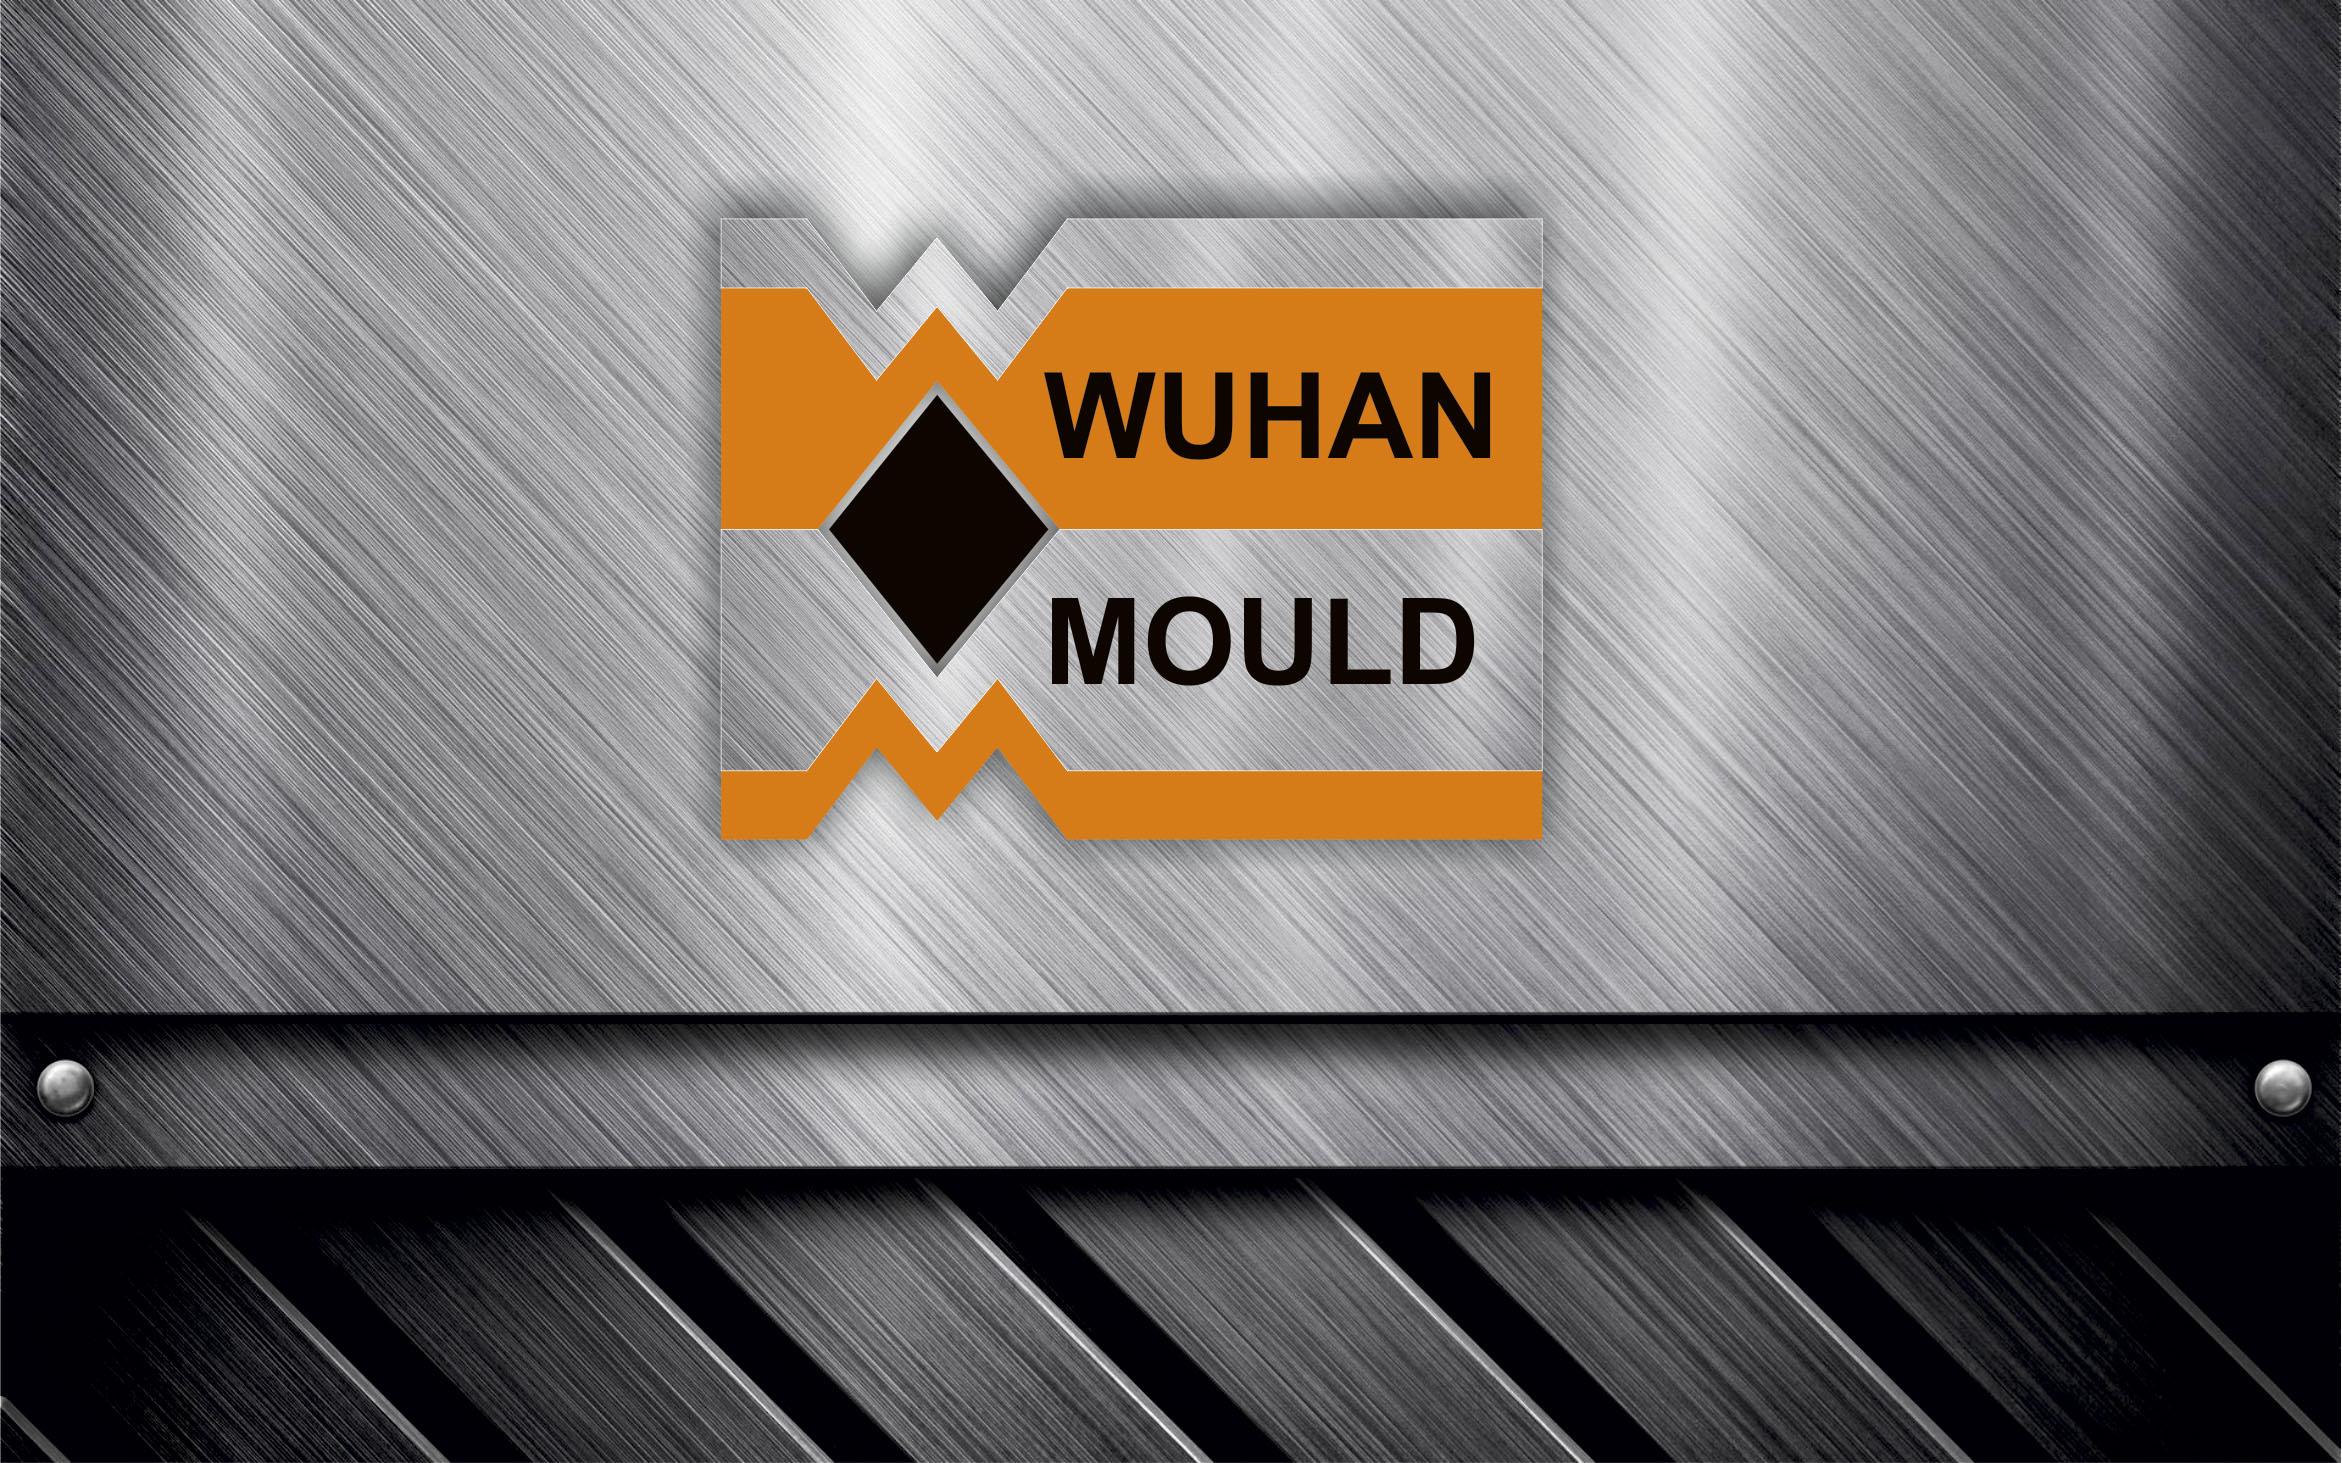 Создать логотип для фабрики пресс-форм фото f_180599a960893d09.jpg